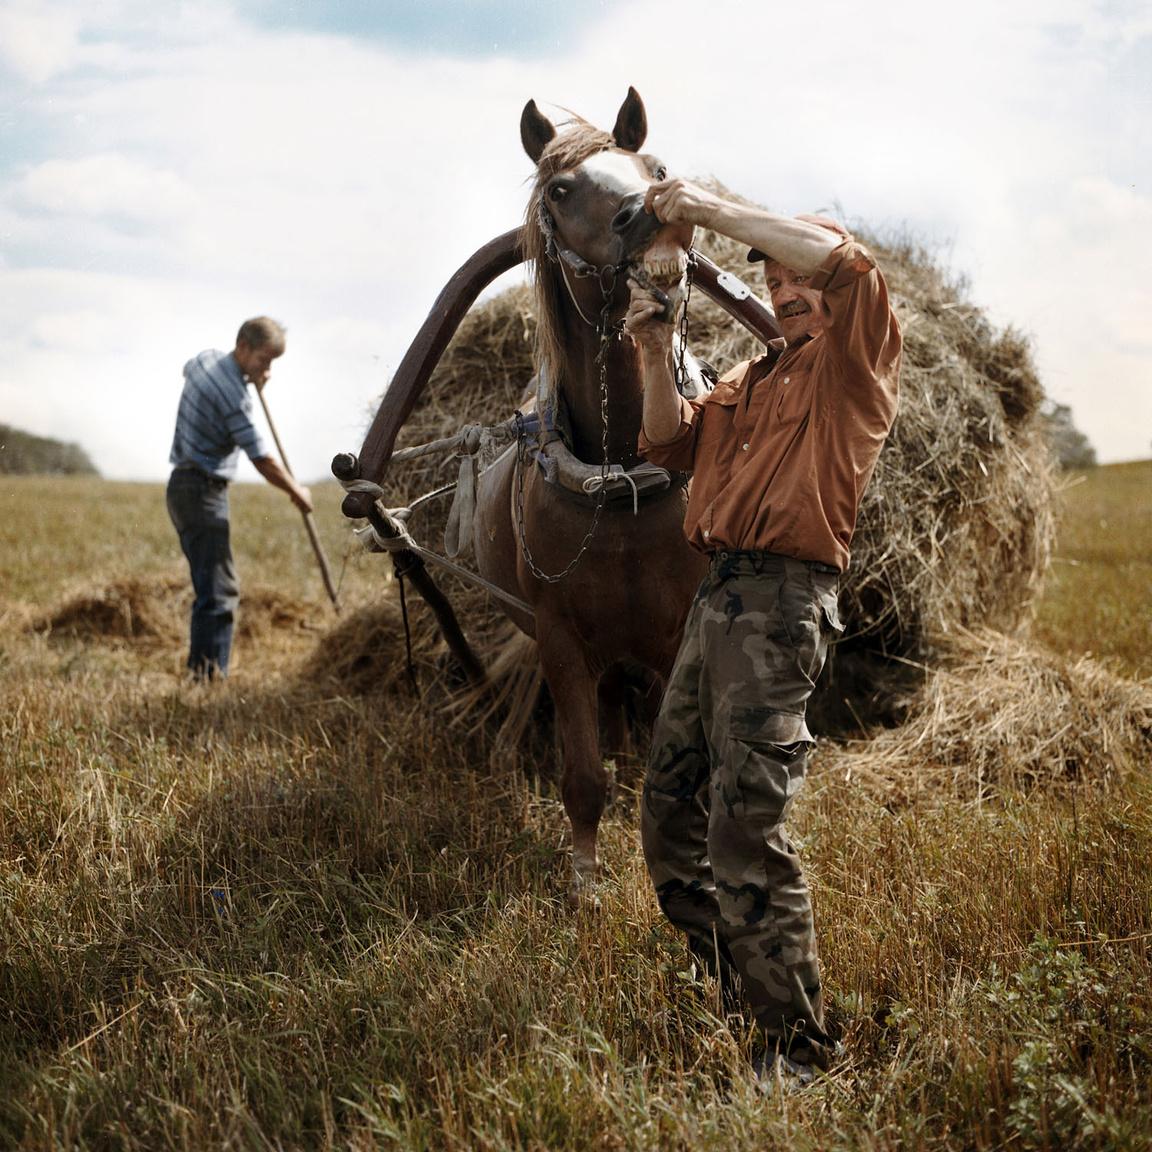 """""""Én vagyok itt az utolsó, aki még lóval jár szénát gyűjteni, majdnem biztos vagyok benne. Mint régen, amikor mindenfelé a barátaim megrakott szekereit lehetett látni. Hiányzik ez nagyon."""" A két gazdálkodó a képen: Tolik és Dainius."""